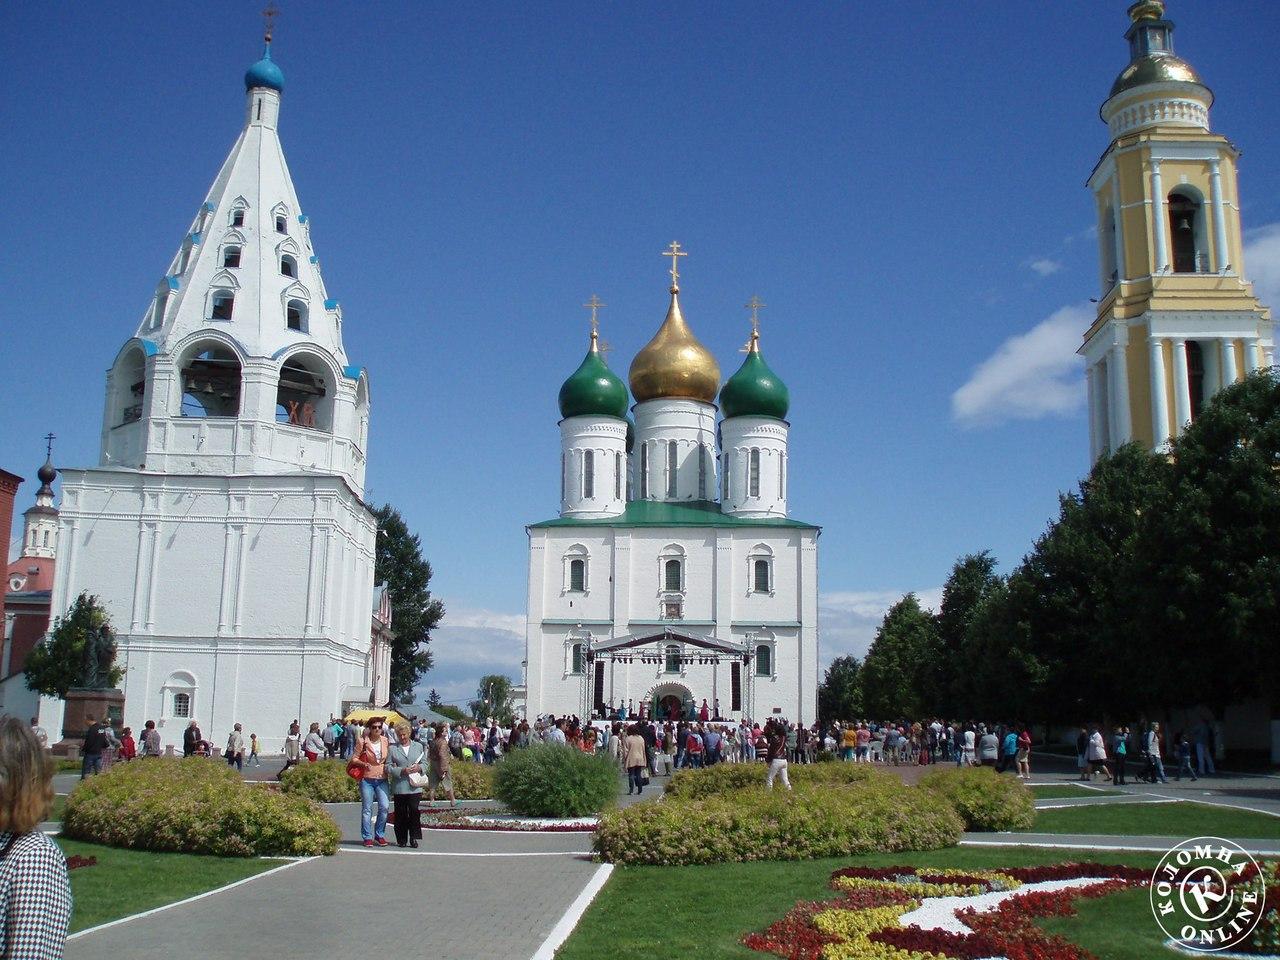 Достопримечательности Коломны: Соборная площадь и Ново-Голутвин монастырь